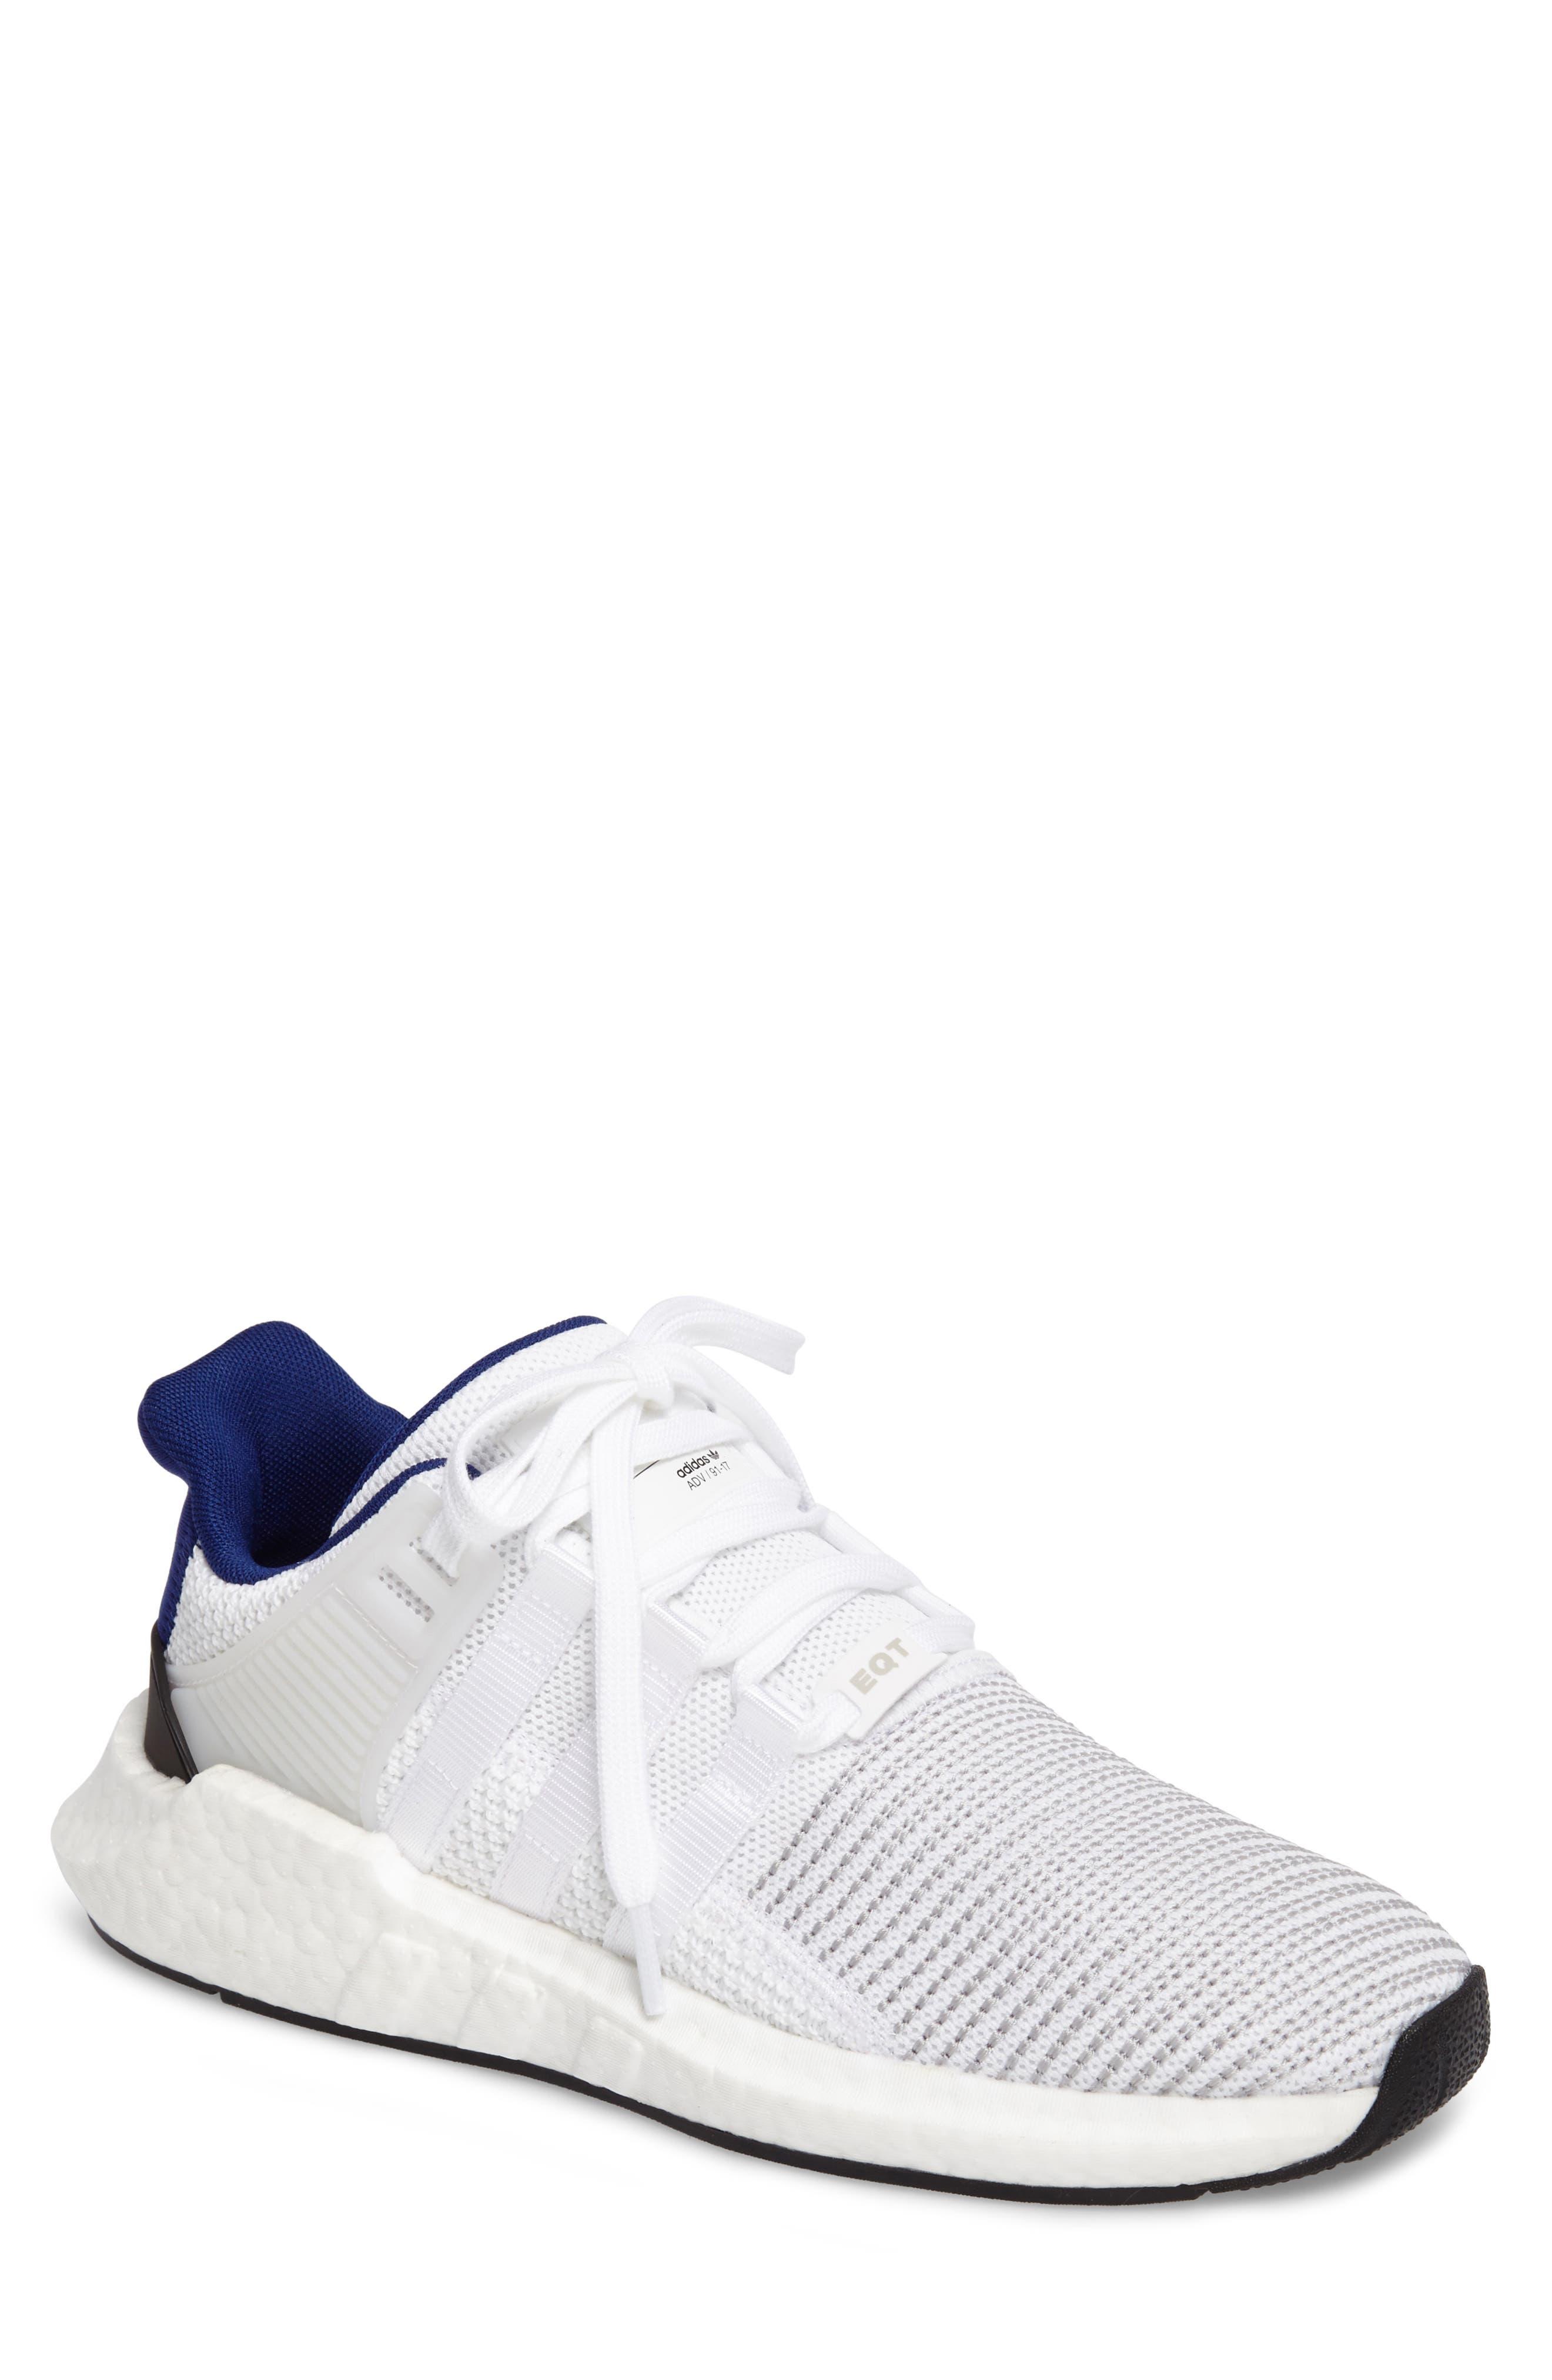 EQT Support 93/17 Sneaker,                         Main,                         color, White/ White/ Core Black